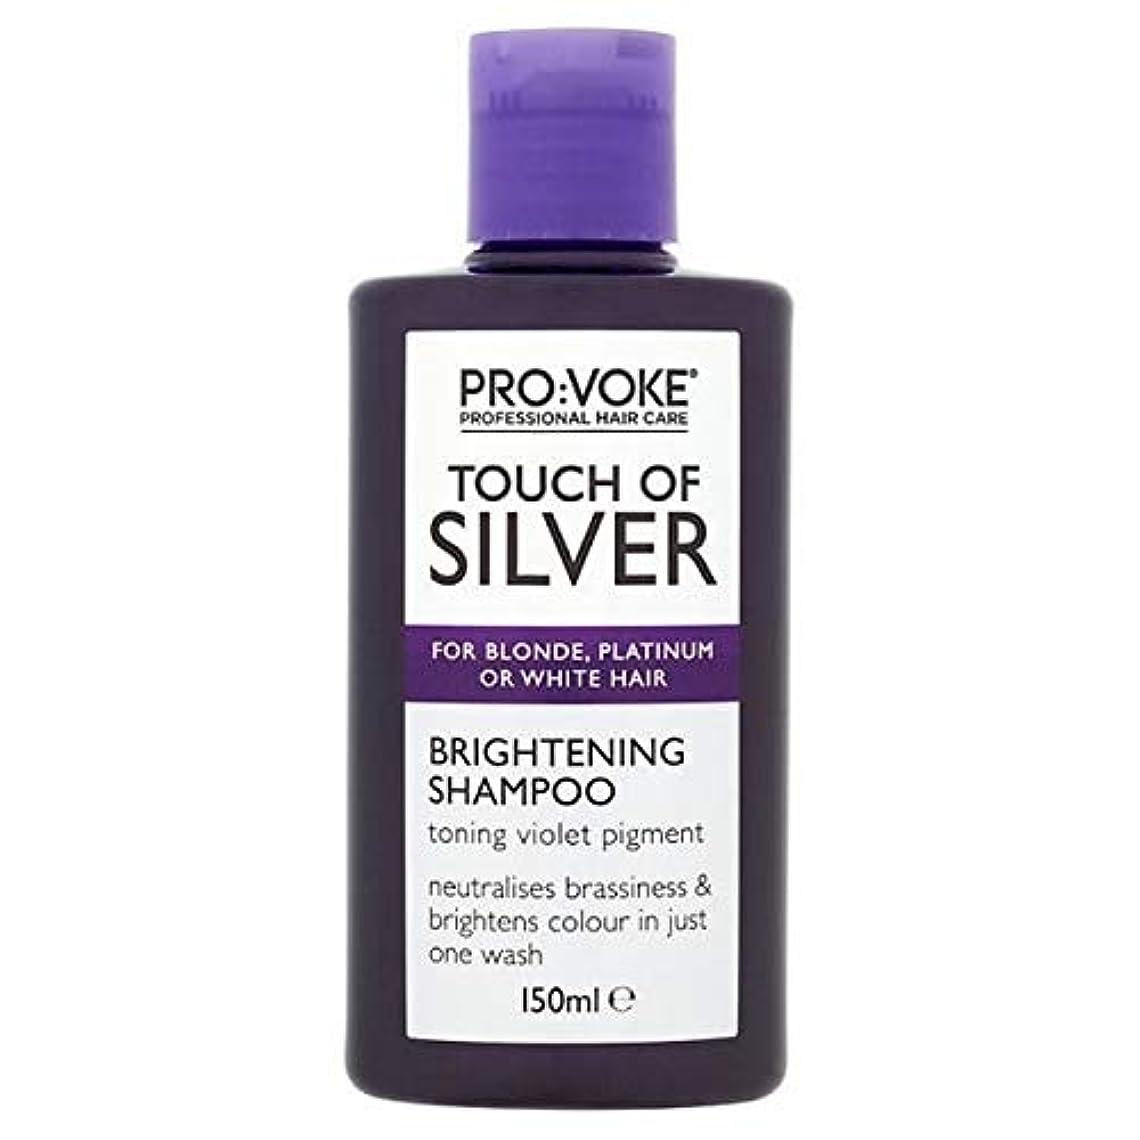 物理学者柔らかさ偏見[Pro:Voke] プロ:紫色のシャンプー150ミリリットルを明るく銀のVokeタッチ - PRO:VOKE Touch Of Silver Brightening Purple Shampoo 150ml [並行輸入品]